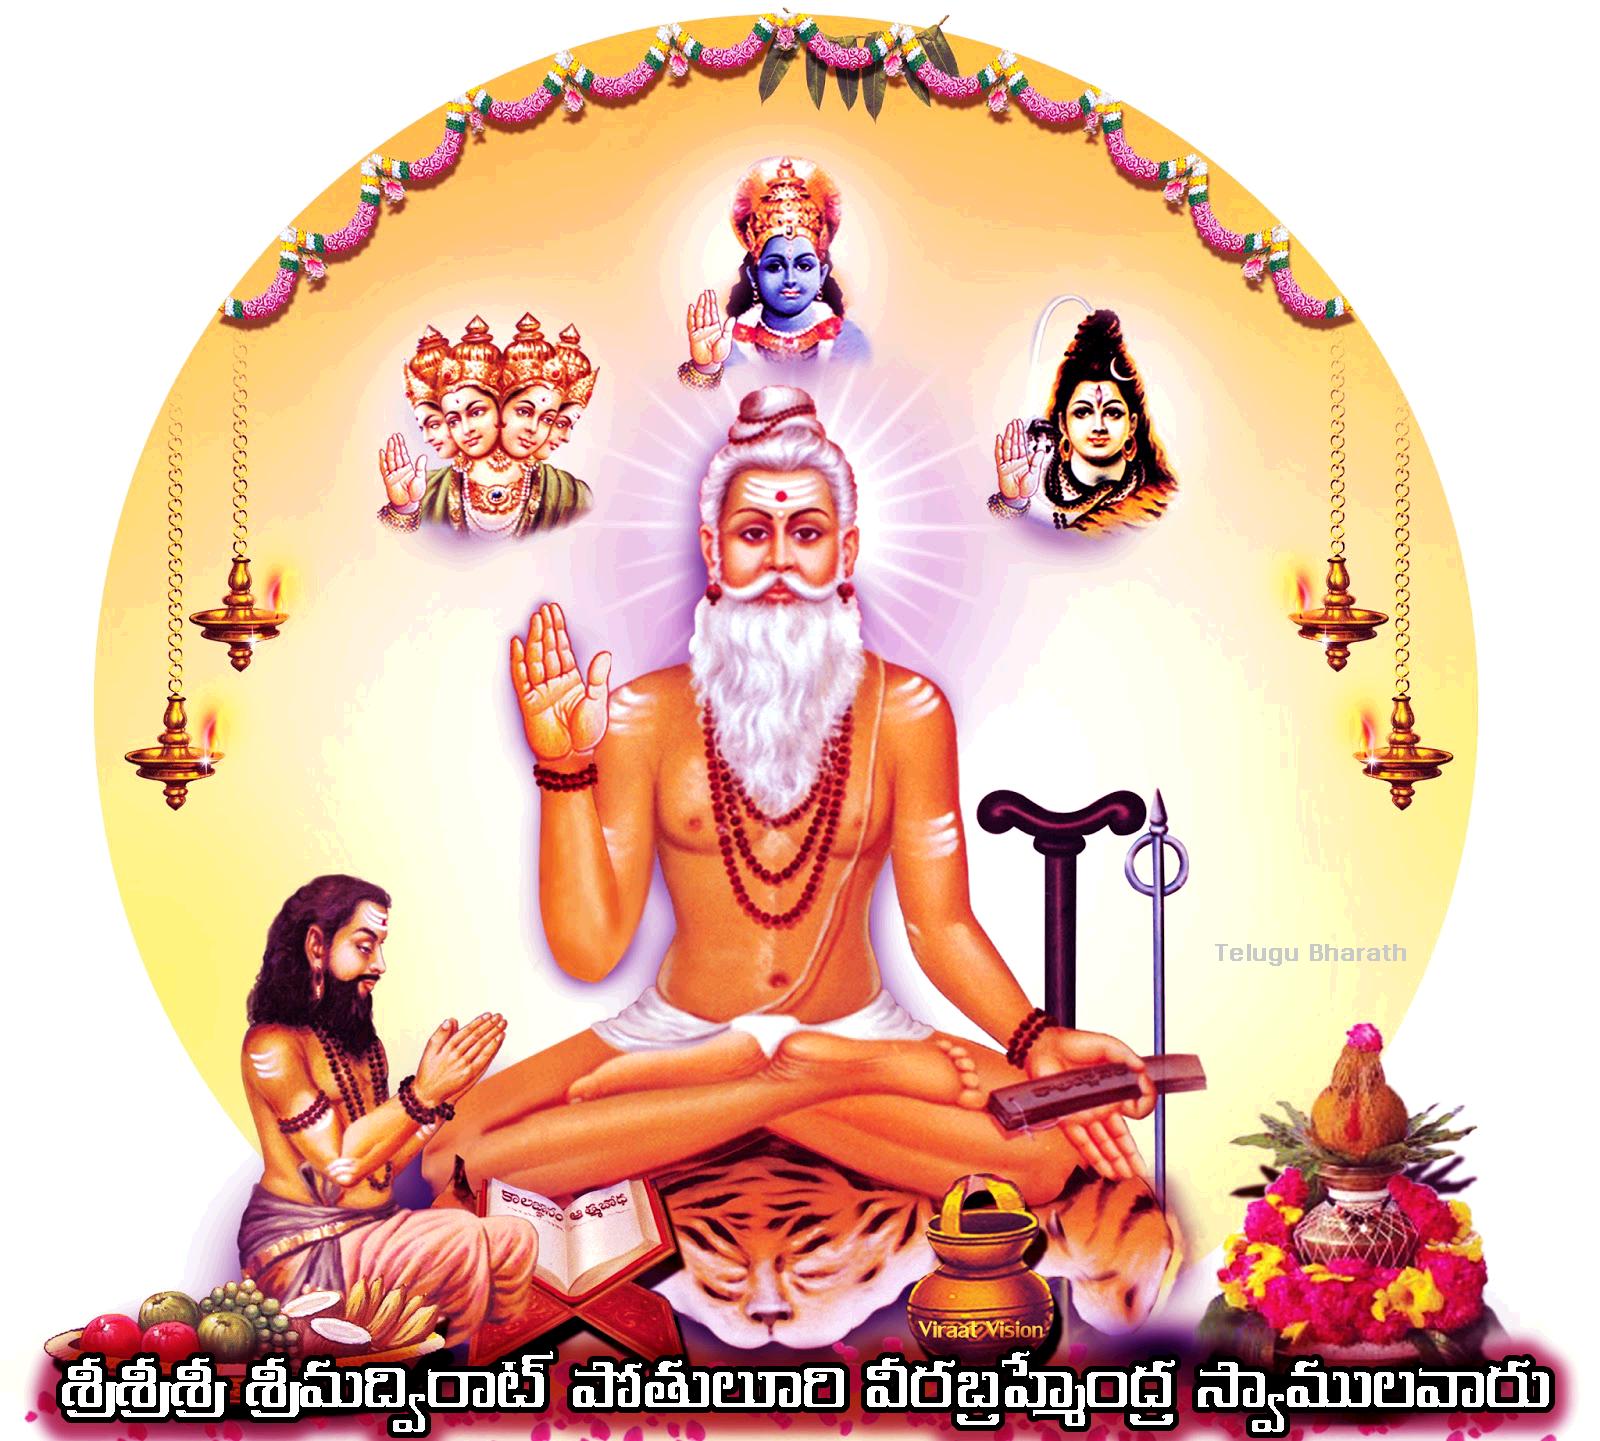 కాలజ్ఞాన తత్వము: చెప్పలేదంటనక పొయ్యేరు ! మొదటి భాగము - Kaalagnana Thathvamulu